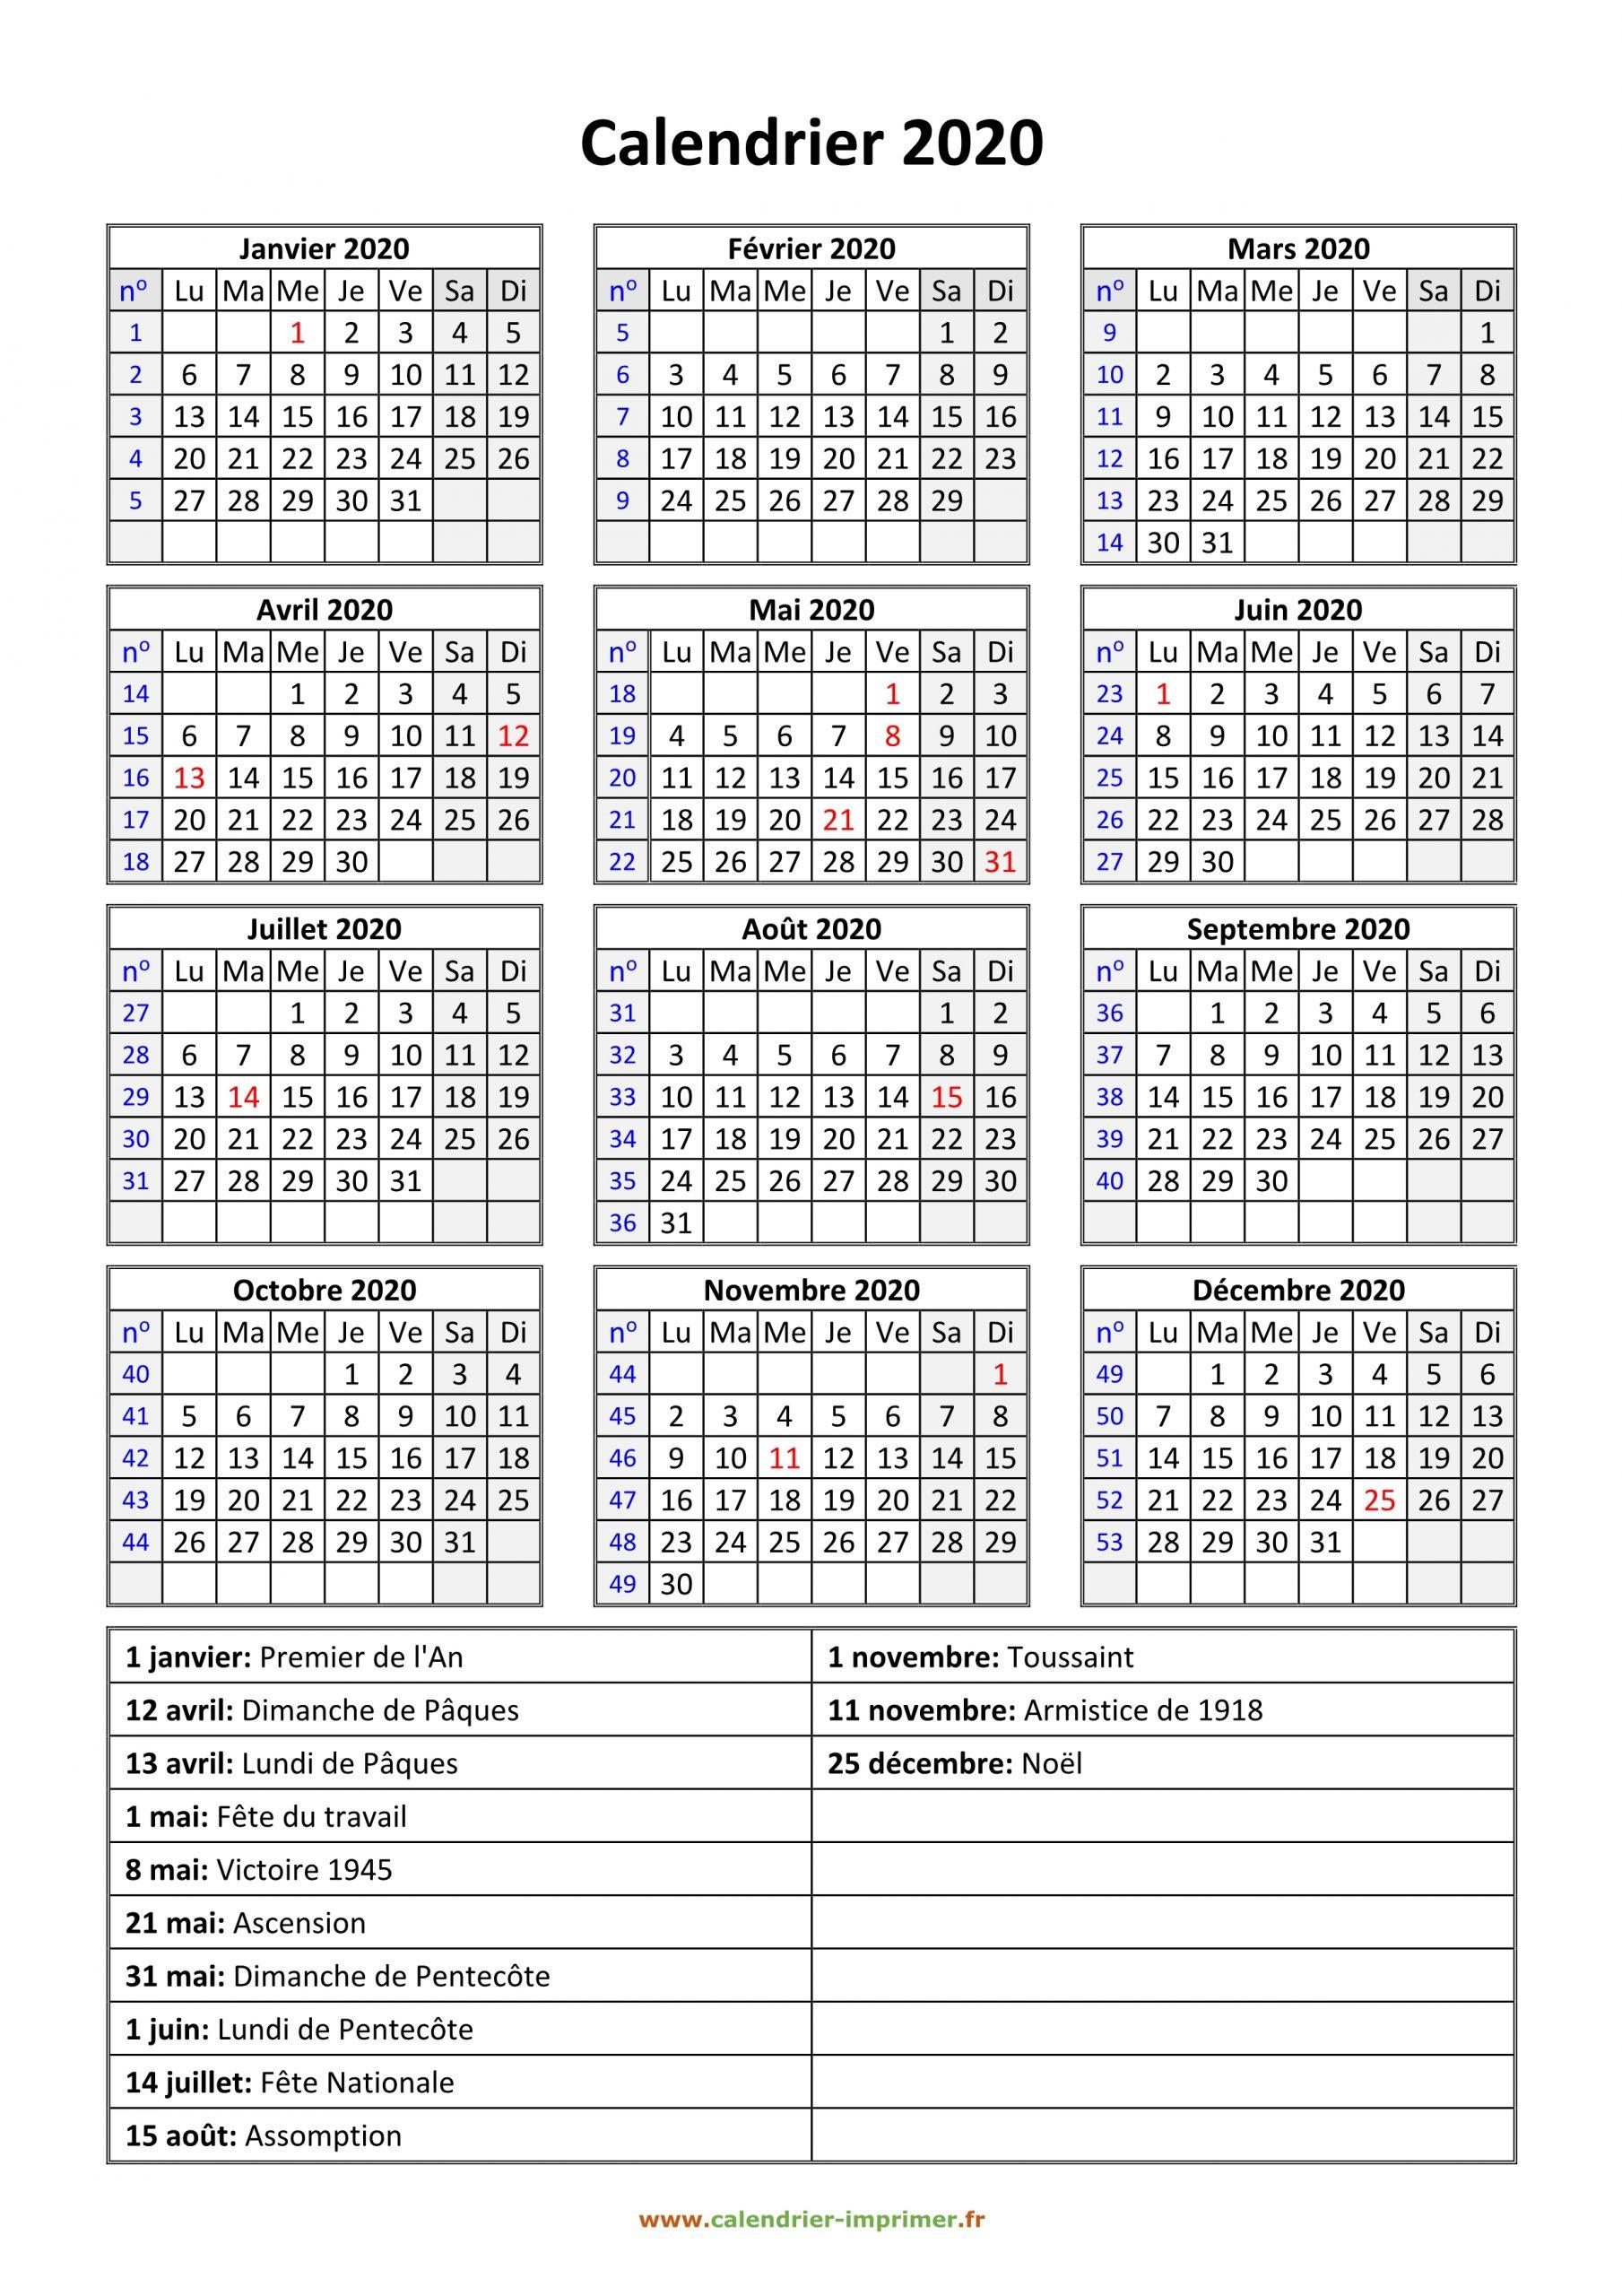 Calendrier 2020 À Imprimer Gratuit destiné Agenda 2018 À Imprimer Gratuit